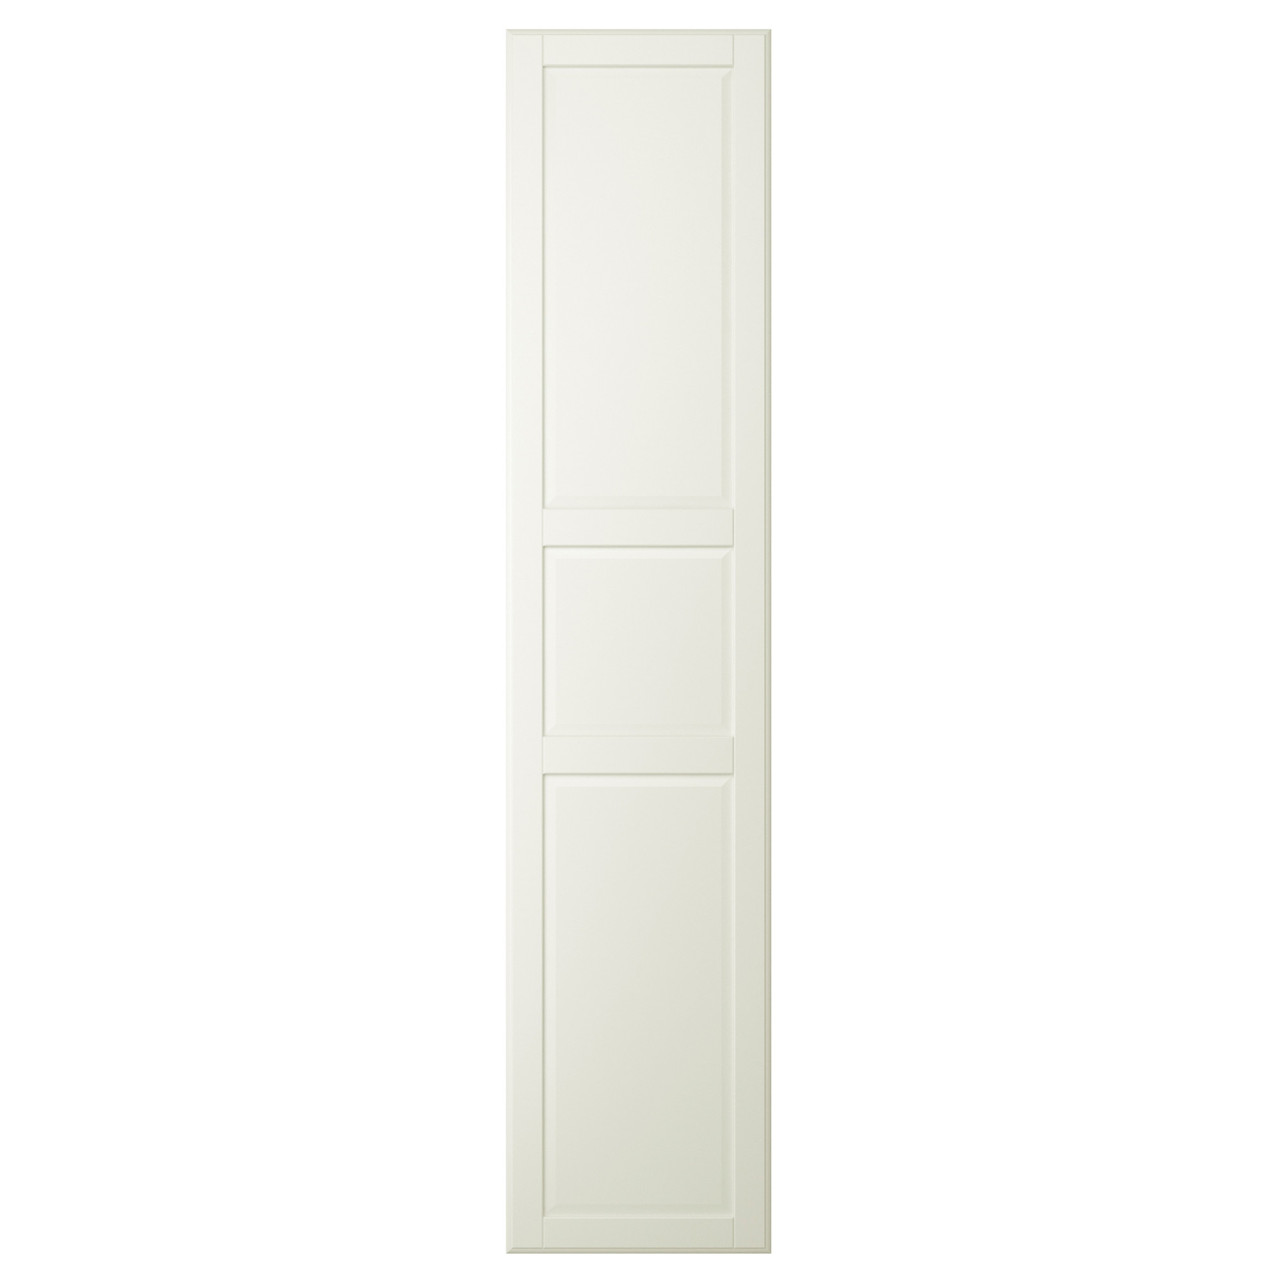 TYSSEDAL Дверь, белый 190.902.51